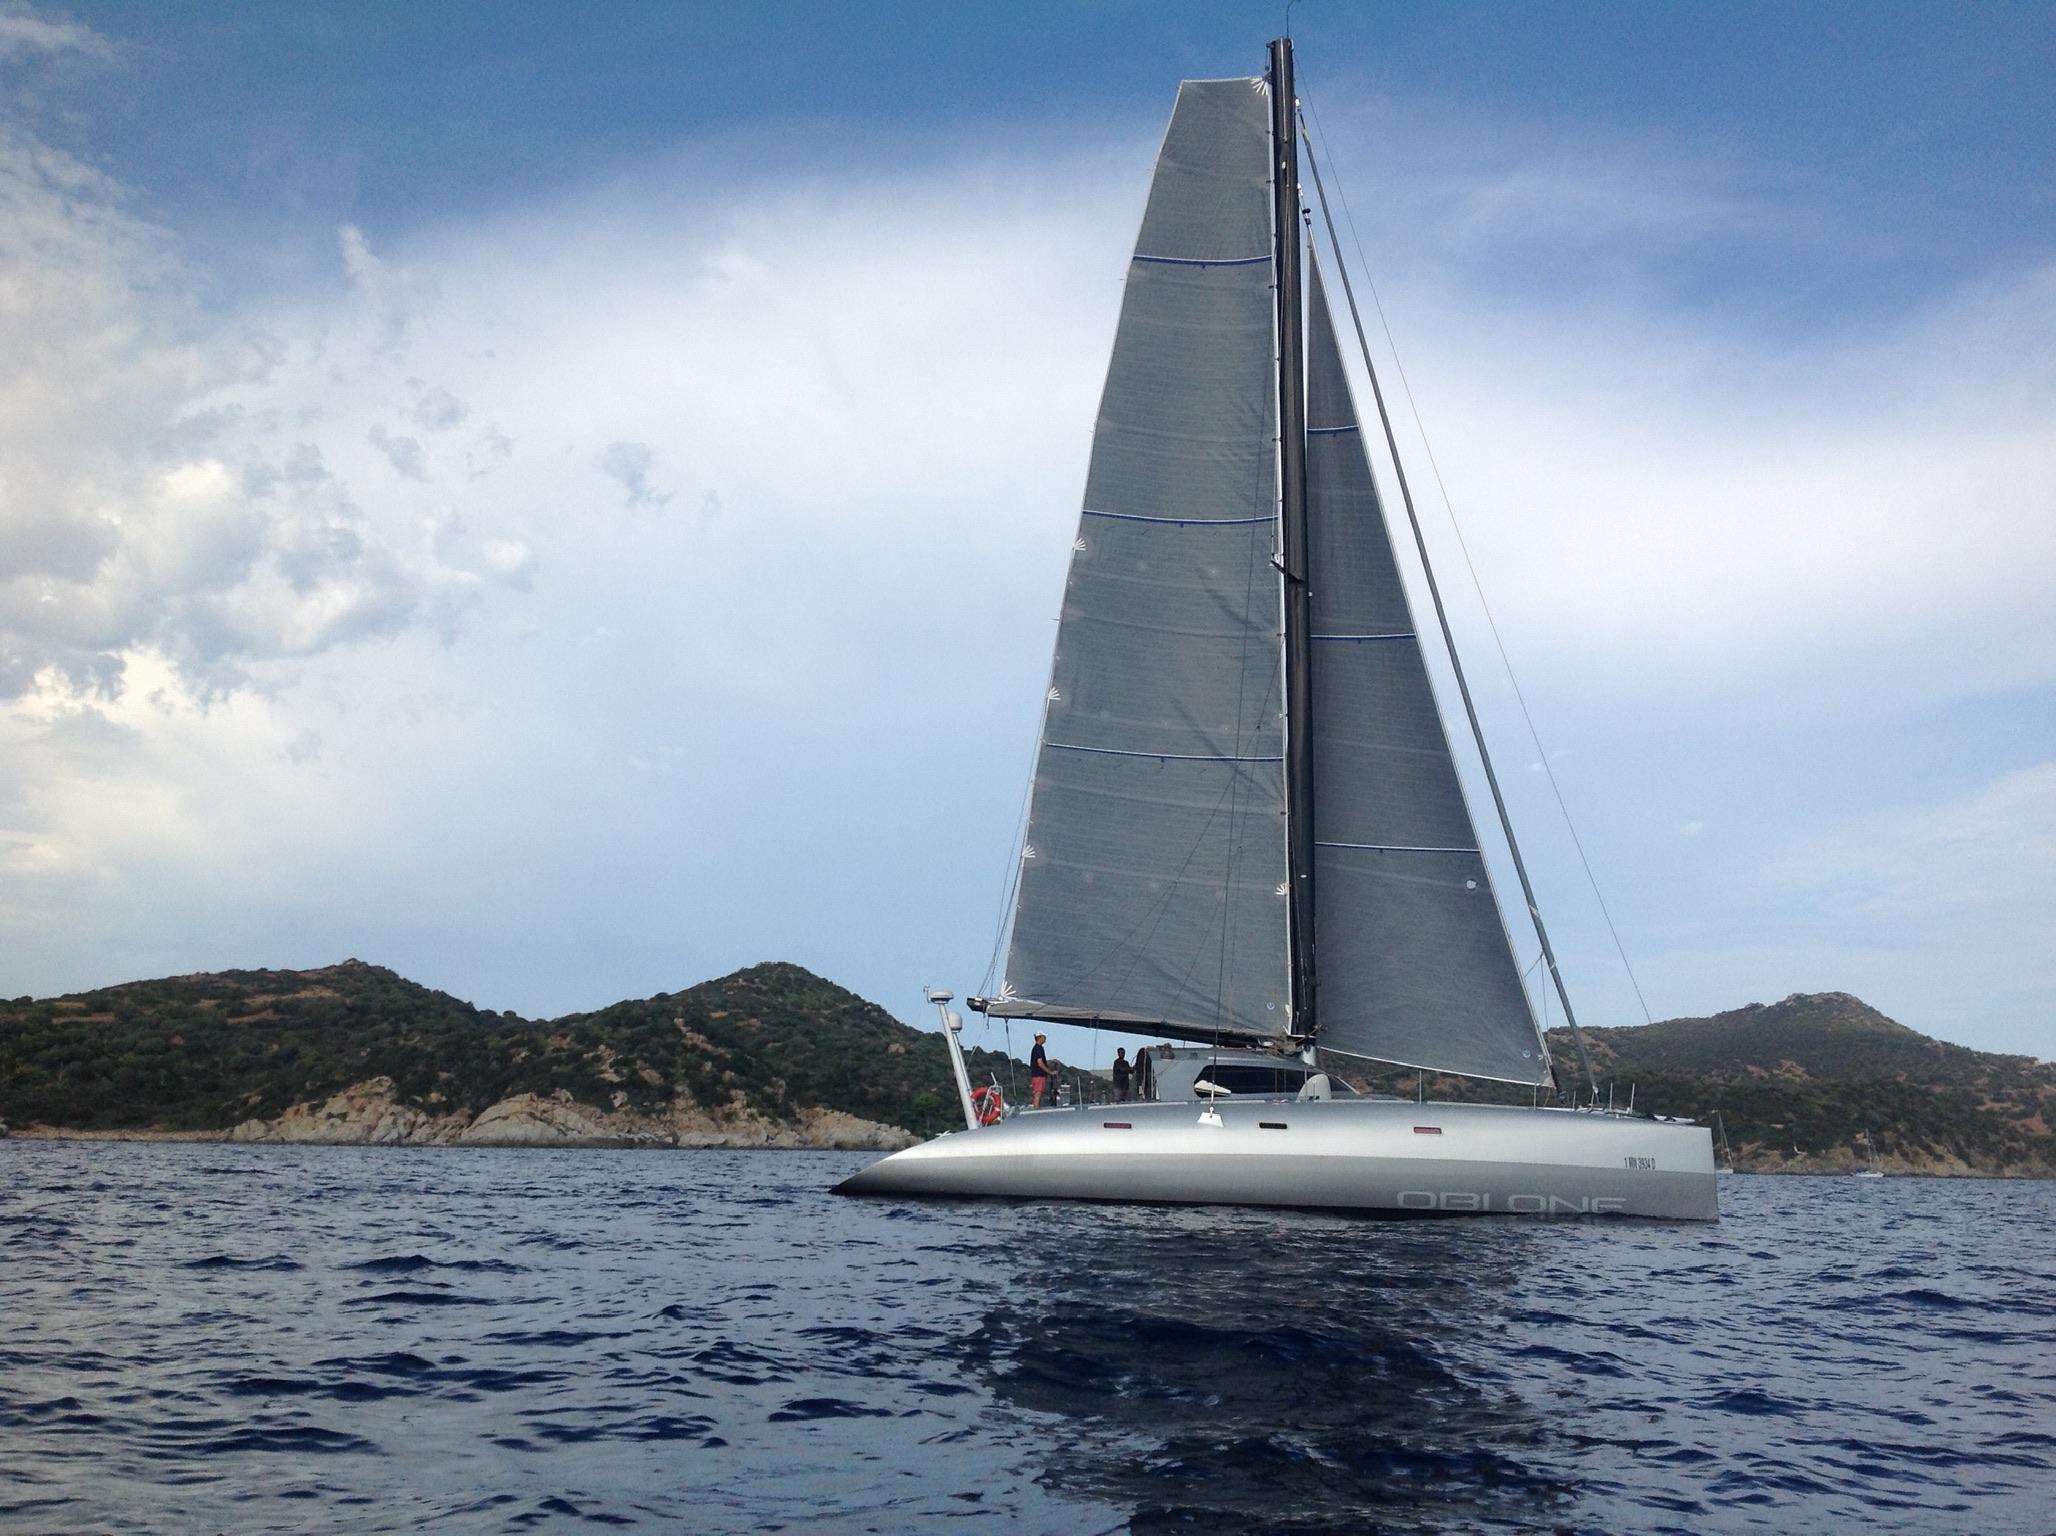 Obi One yacht